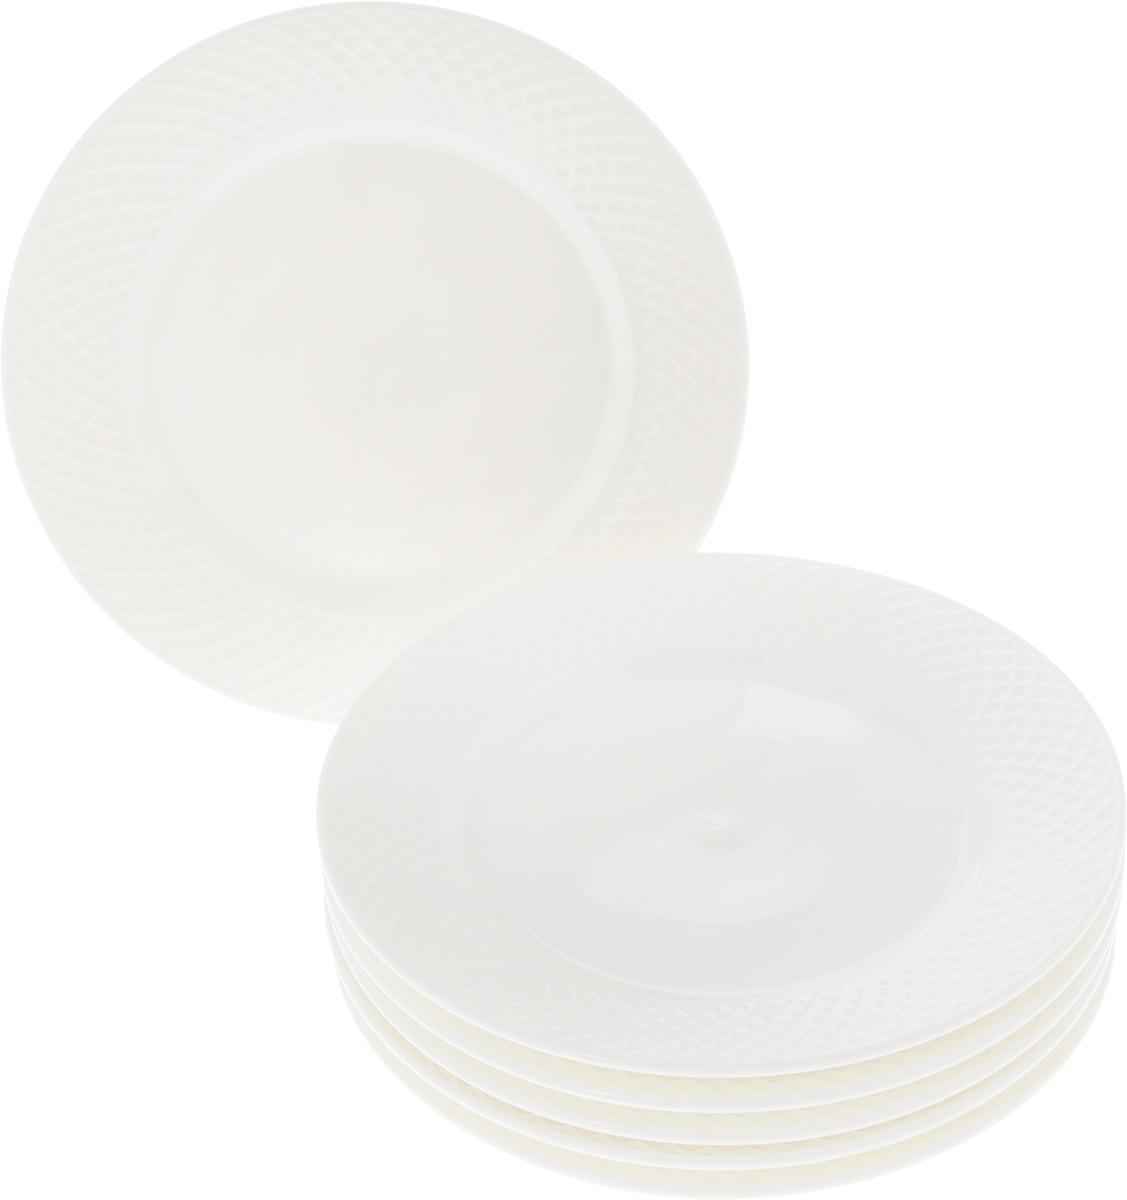 Набор тарелок Wilmax, диаметр 20 см, 6 предметовWL-880100-JV / 6CНабор Wilmax состоит из 6 десертных тарелок. Изделия выполнены из высококачественного фарфора и имеют классическую круглую форму. Такой набор прекрасно подойдет как для повседневного использования, так и для праздников. Набор тарелок Wilmax - это не только полезный подарок для родных и близких, а также великолепное дизайнерское решение для вашей кухни или столовой. Диаметр десертной тарелки: 20 см. Высота десертной тарелки: 2 см.